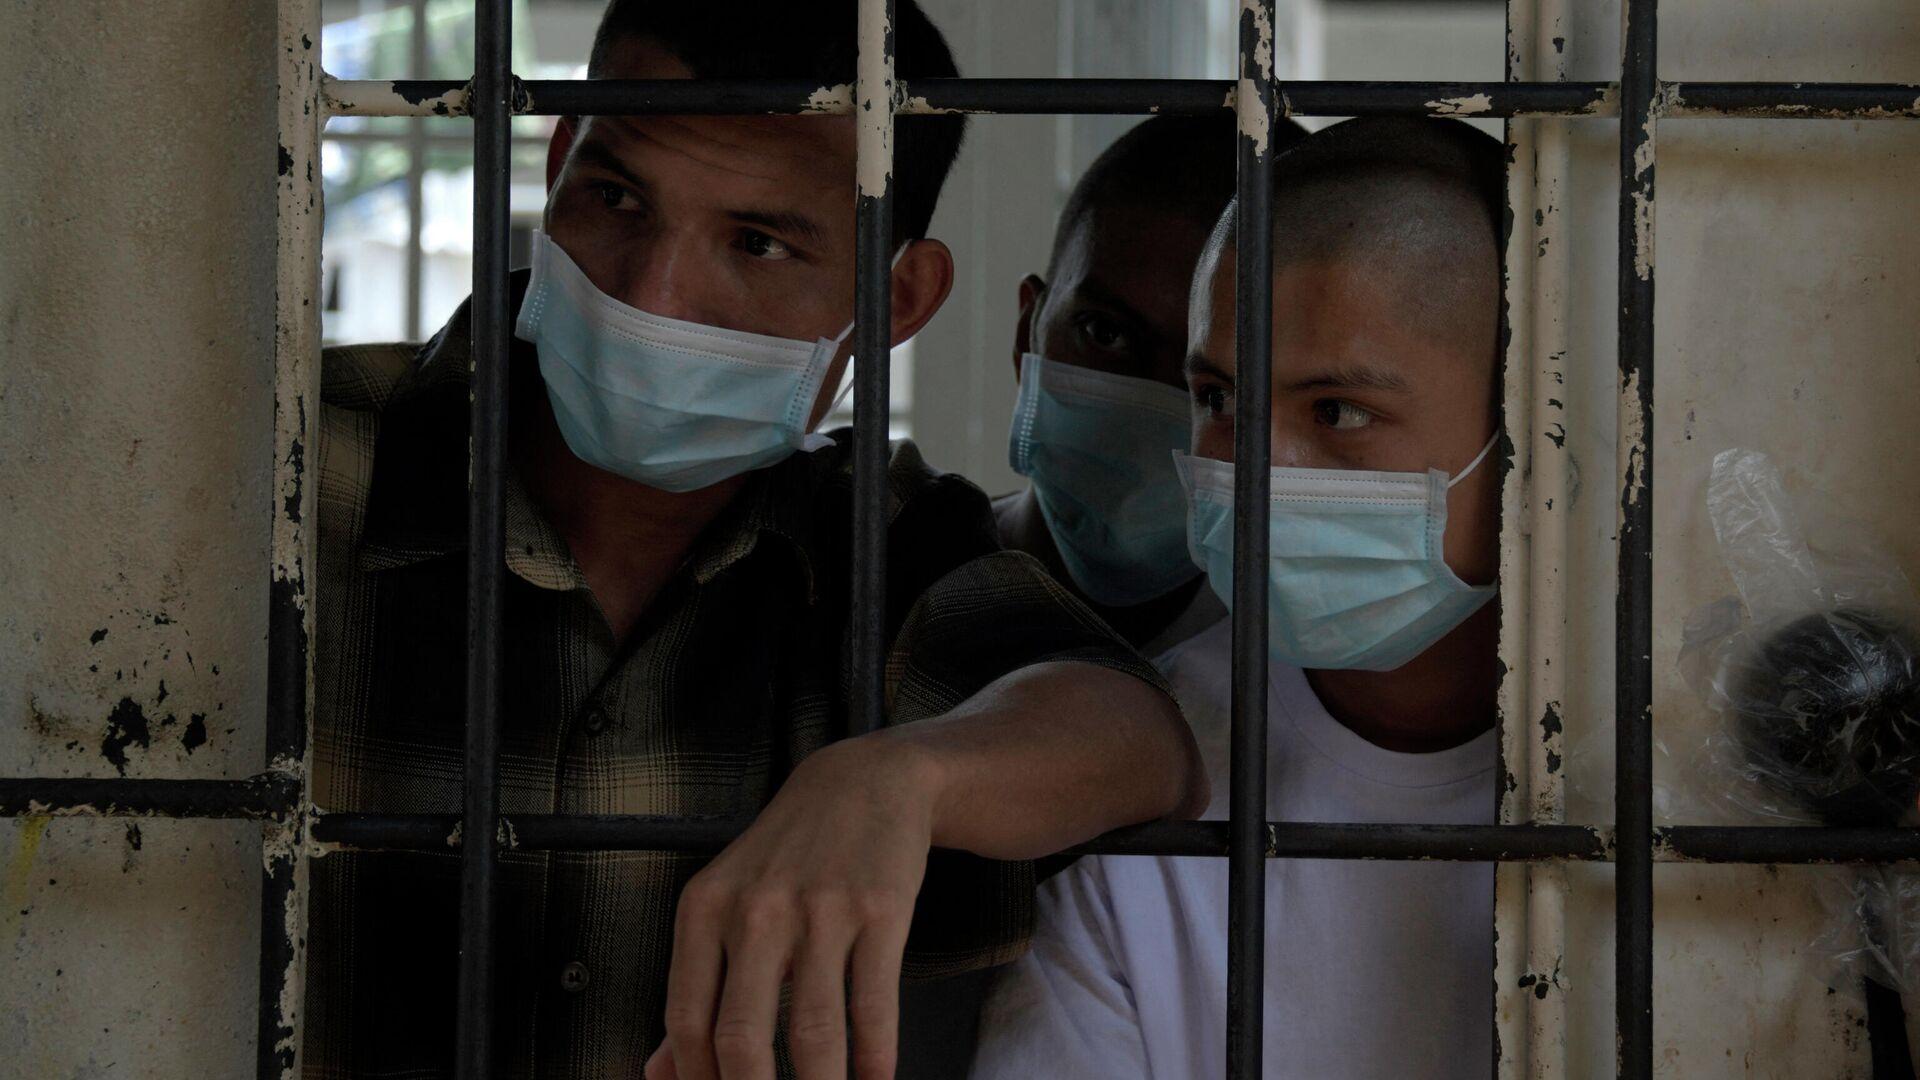 Prisioneros en una cárcel de El Salvador - Sputnik Mundo, 1920, 04.03.2021